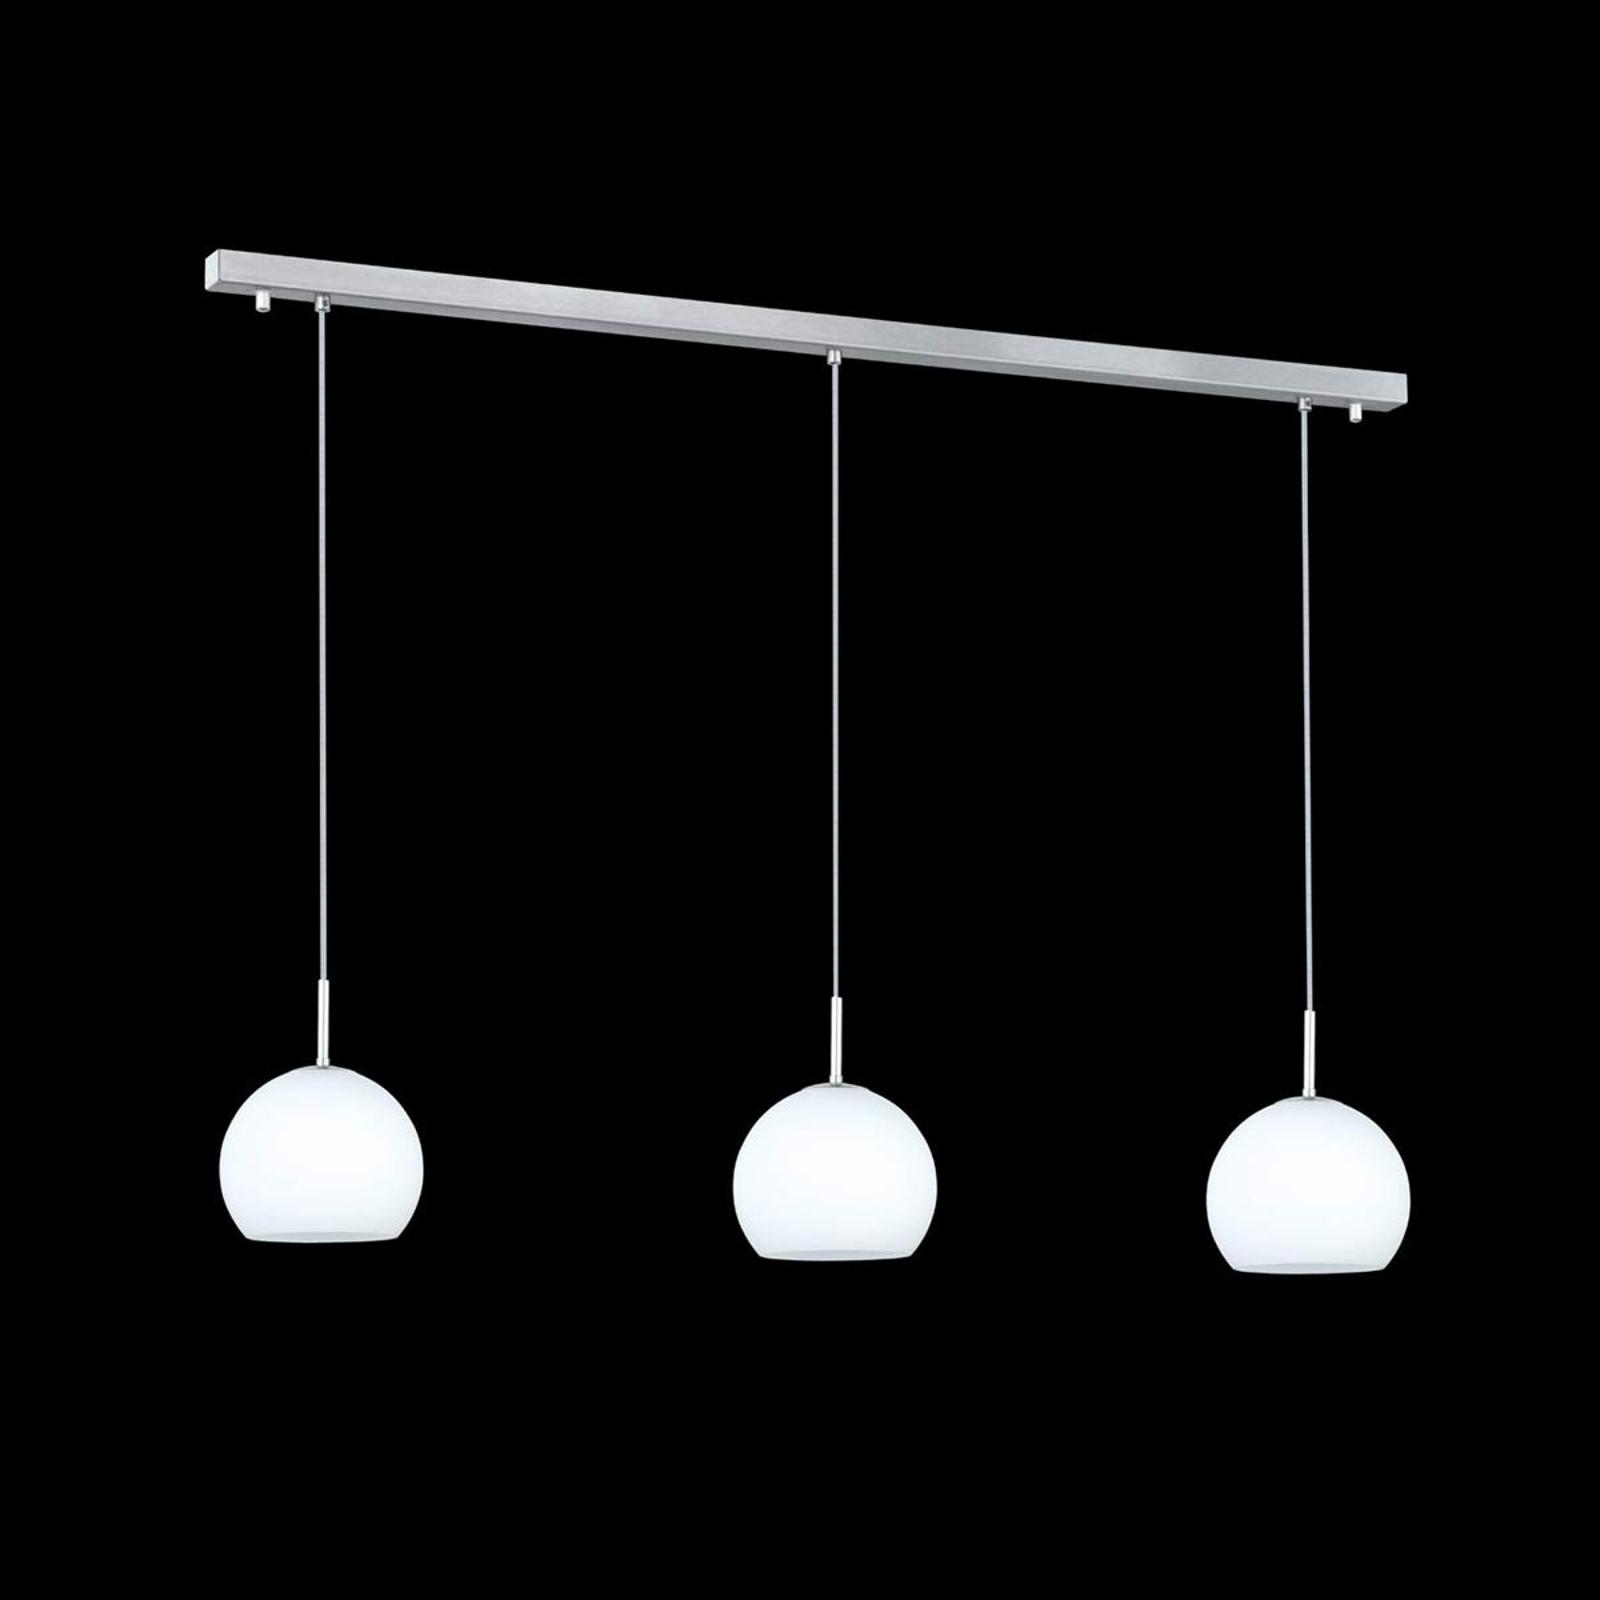 Hanglamp Bolero met 3 lampjes, balken